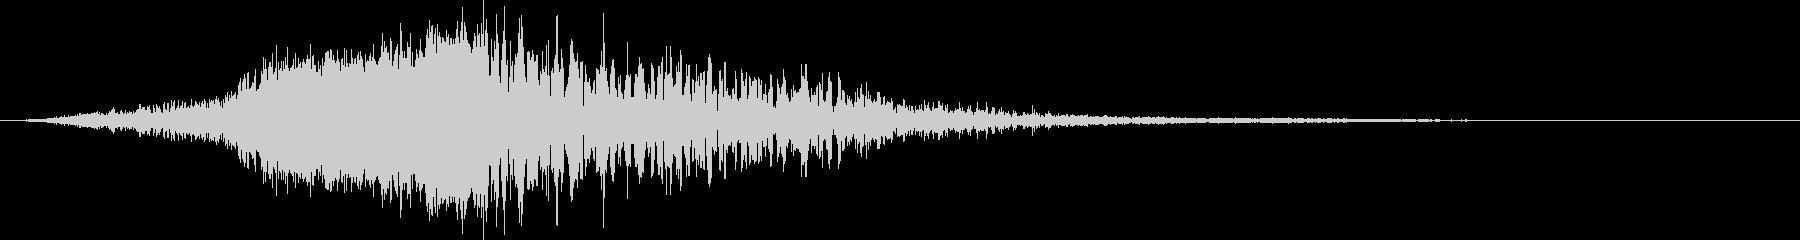 どーん:ハイブリット音:オープニング6の未再生の波形